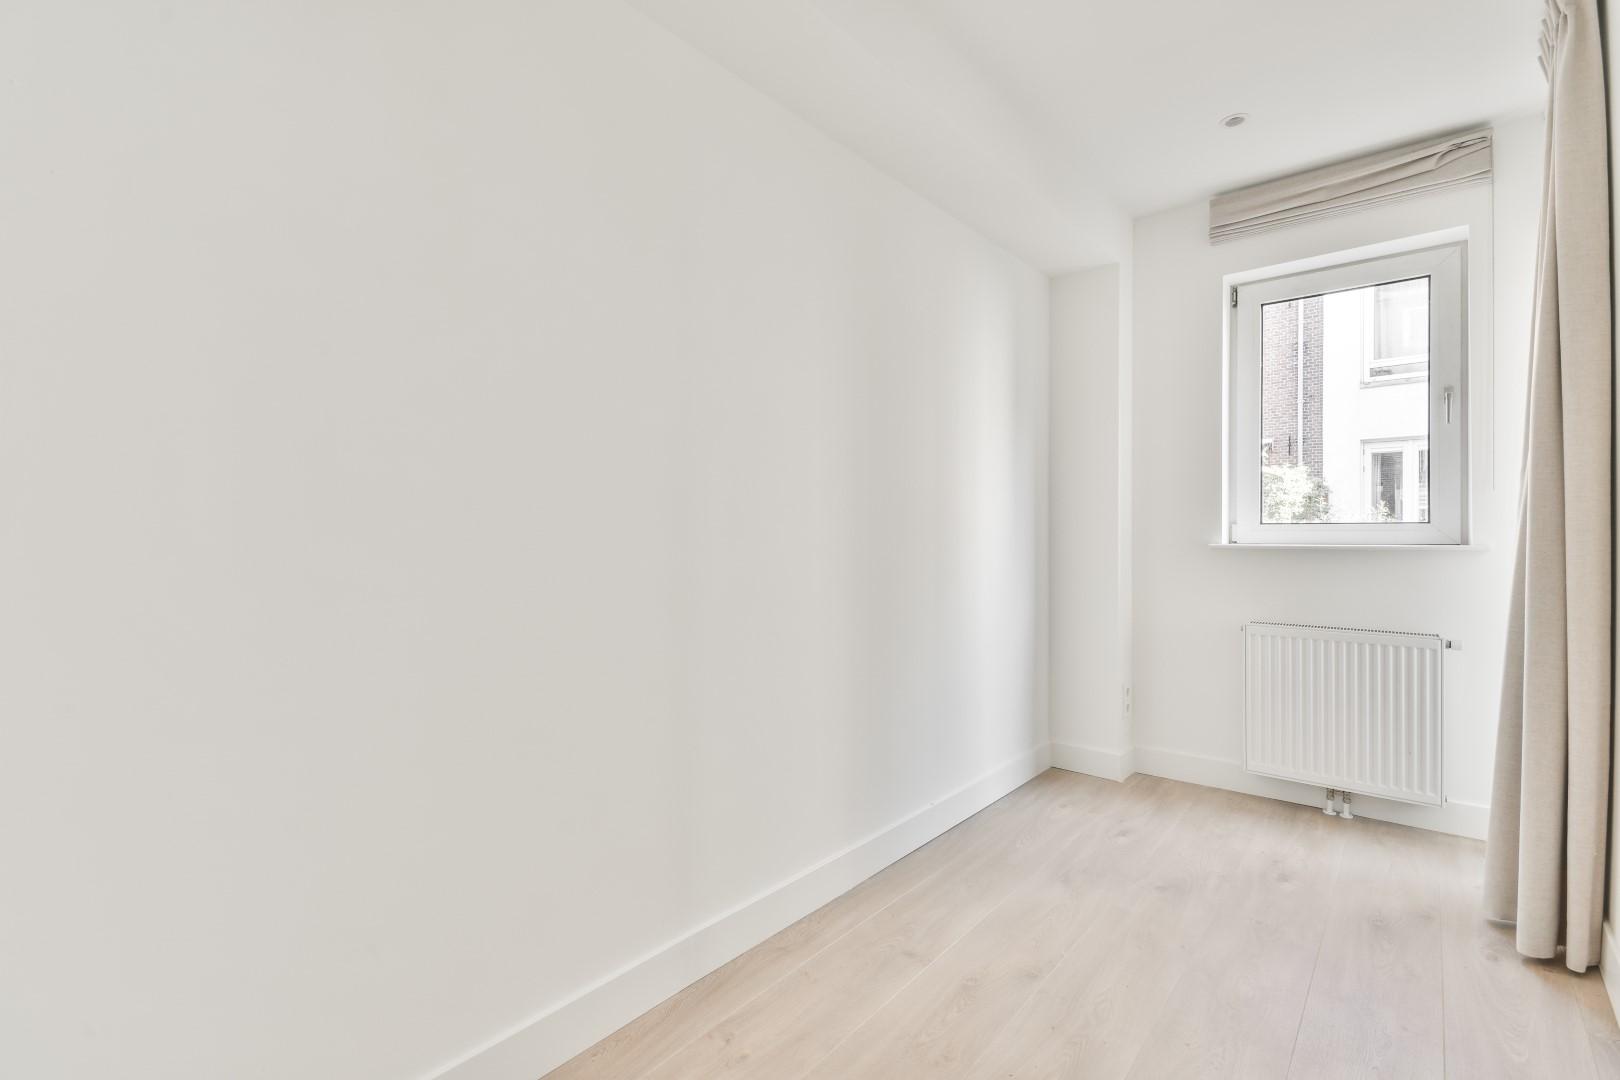 Albert Cuypstraat 203 A1 1073 BE, Amsterdam, Noord-Holland Nederland, 2 Slaapkamers Slaapkamers, ,1 BadkamerBadkamers,Appartement,Huur,Albert Cuypstraat,1,1568